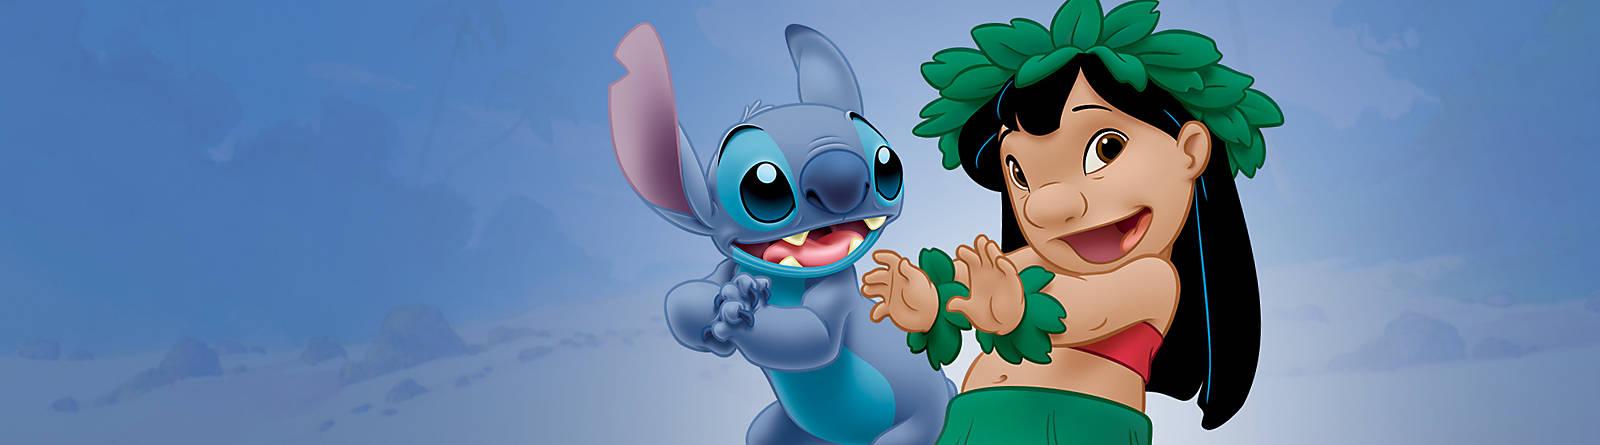 Lilo e Stitch Scopri la nostra esclusiva gamma articoli Disney dedicati ai personaggi di Lilo & Stitch, tra cui dolci peluche, vestiti alla moda, preziosi oggetti da collezione, articoli per la casa e tanto altro ancora per rivivere le avventure di Lilo e di Stich